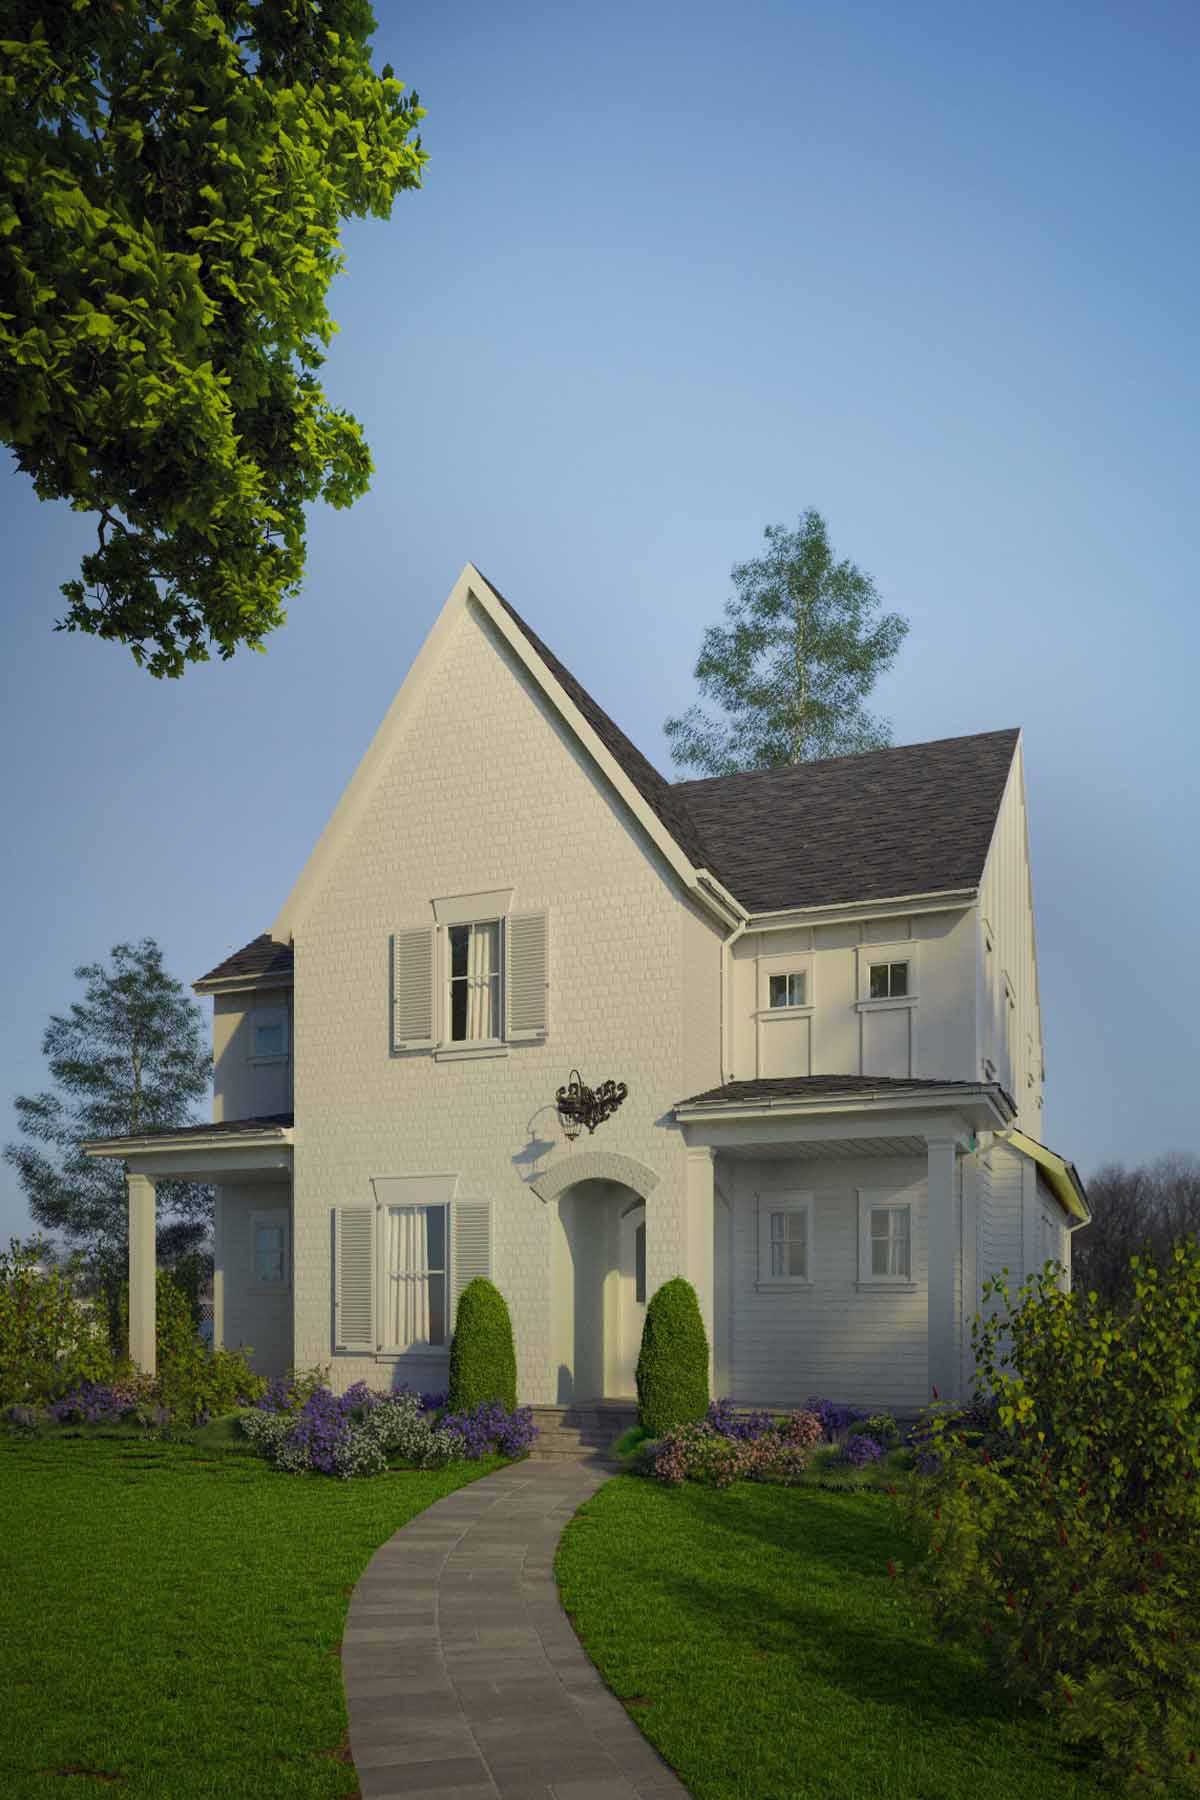 独户住宅 为 销售 在 Modern Urban Farmhouse Design 2166 Pine Cone Lane 亚特兰大, 乔治亚州, 30319 美国